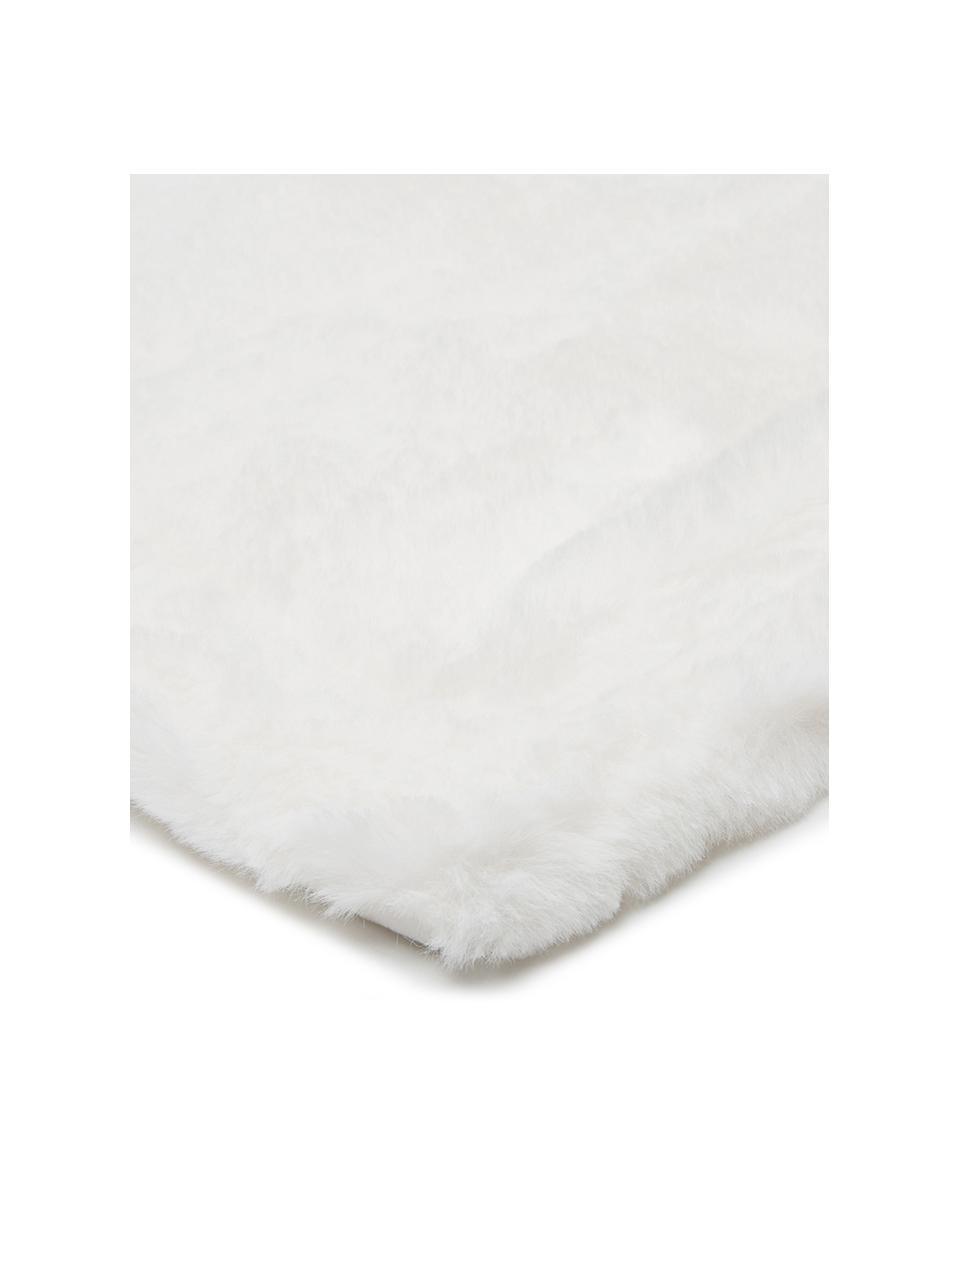 Kuscheldecke Mette aus Kunstfell in Creme, Vorderseite: 100% Polyester, Rückseite: 100% Polyester, Creme, 150 x 200 cm